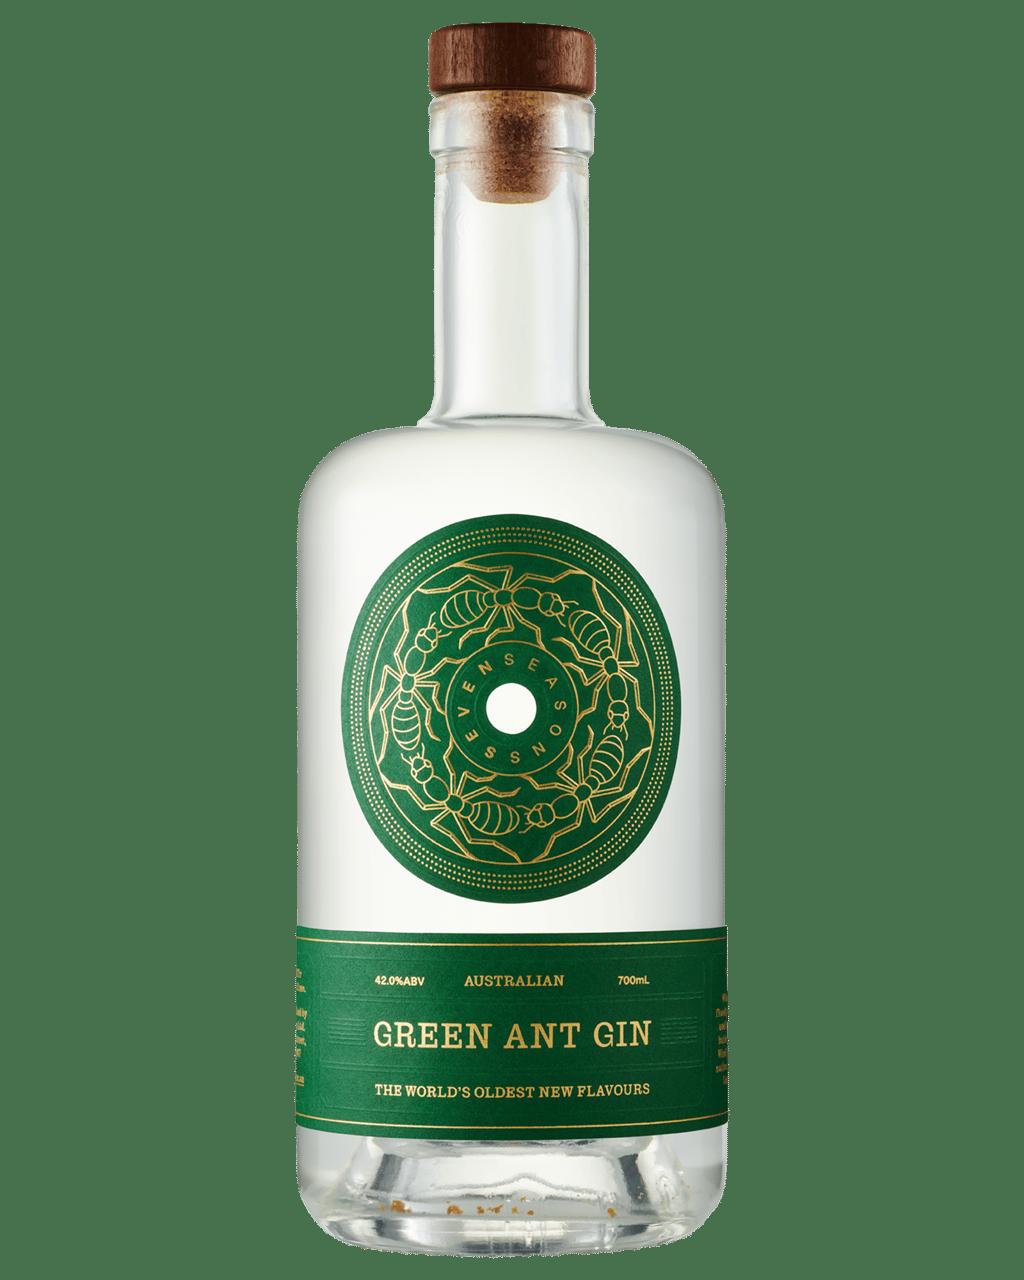 Buy Green Ant Gin 700mL   Dan Murphy's